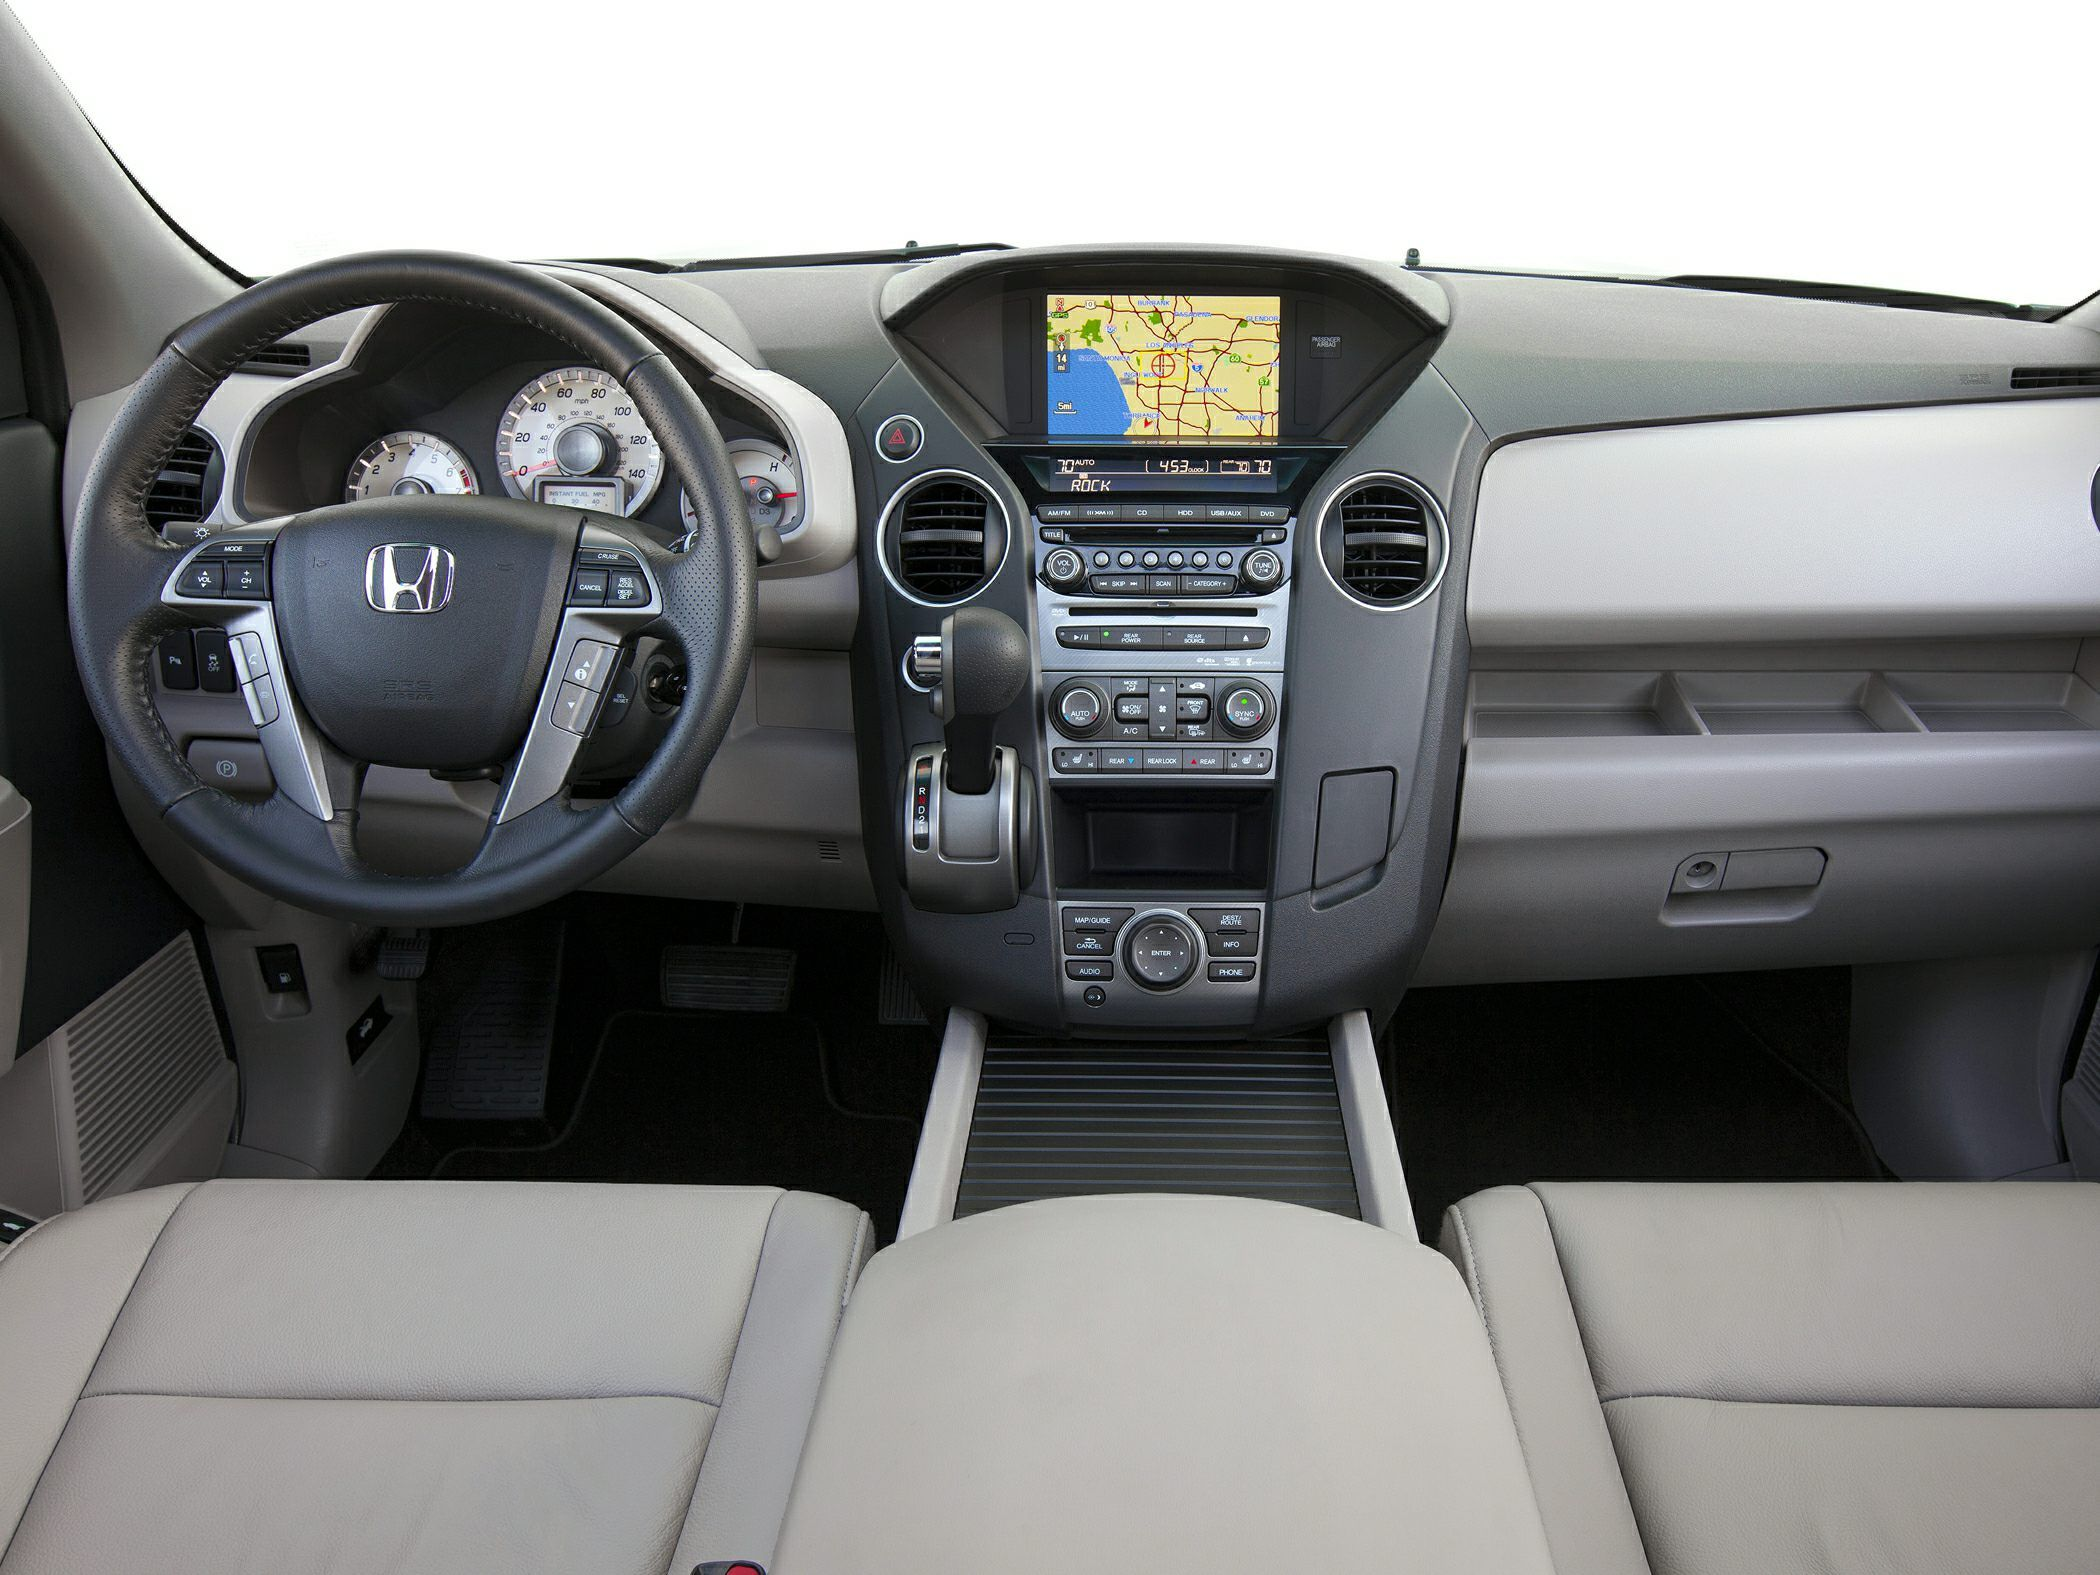 2015 Honda Pilot Interior Pictures Gallery